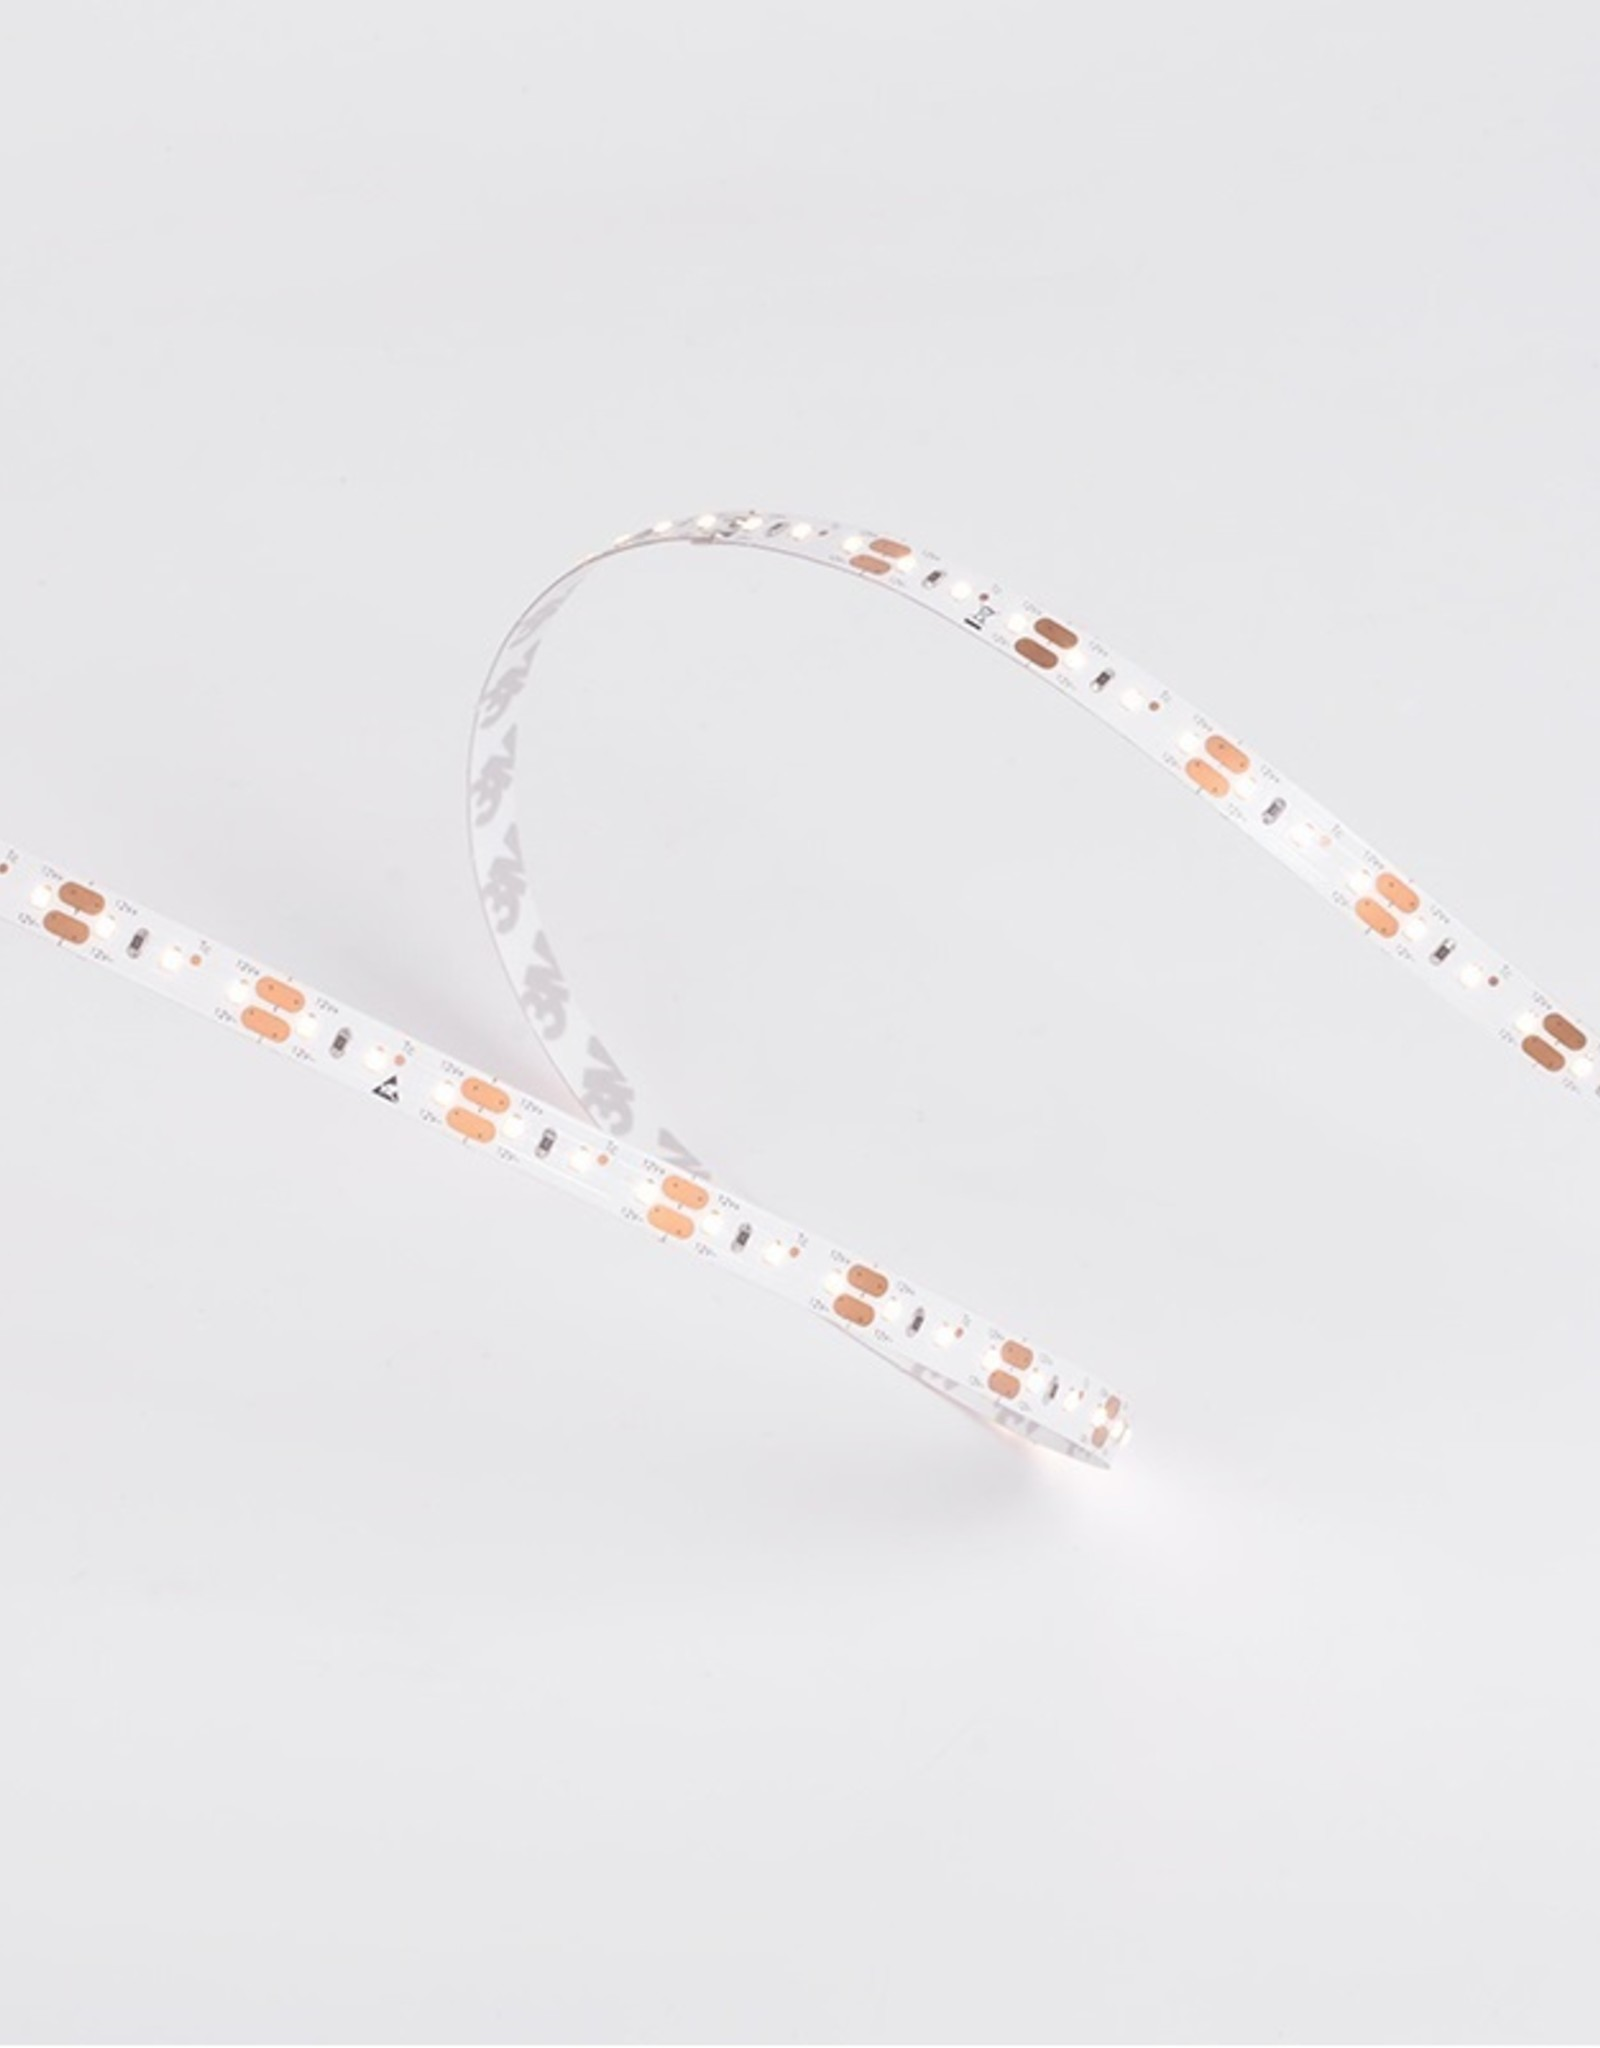 LedLed Varo led strip | 5m | 4000k | 24V | 4,8W/m | 8mm